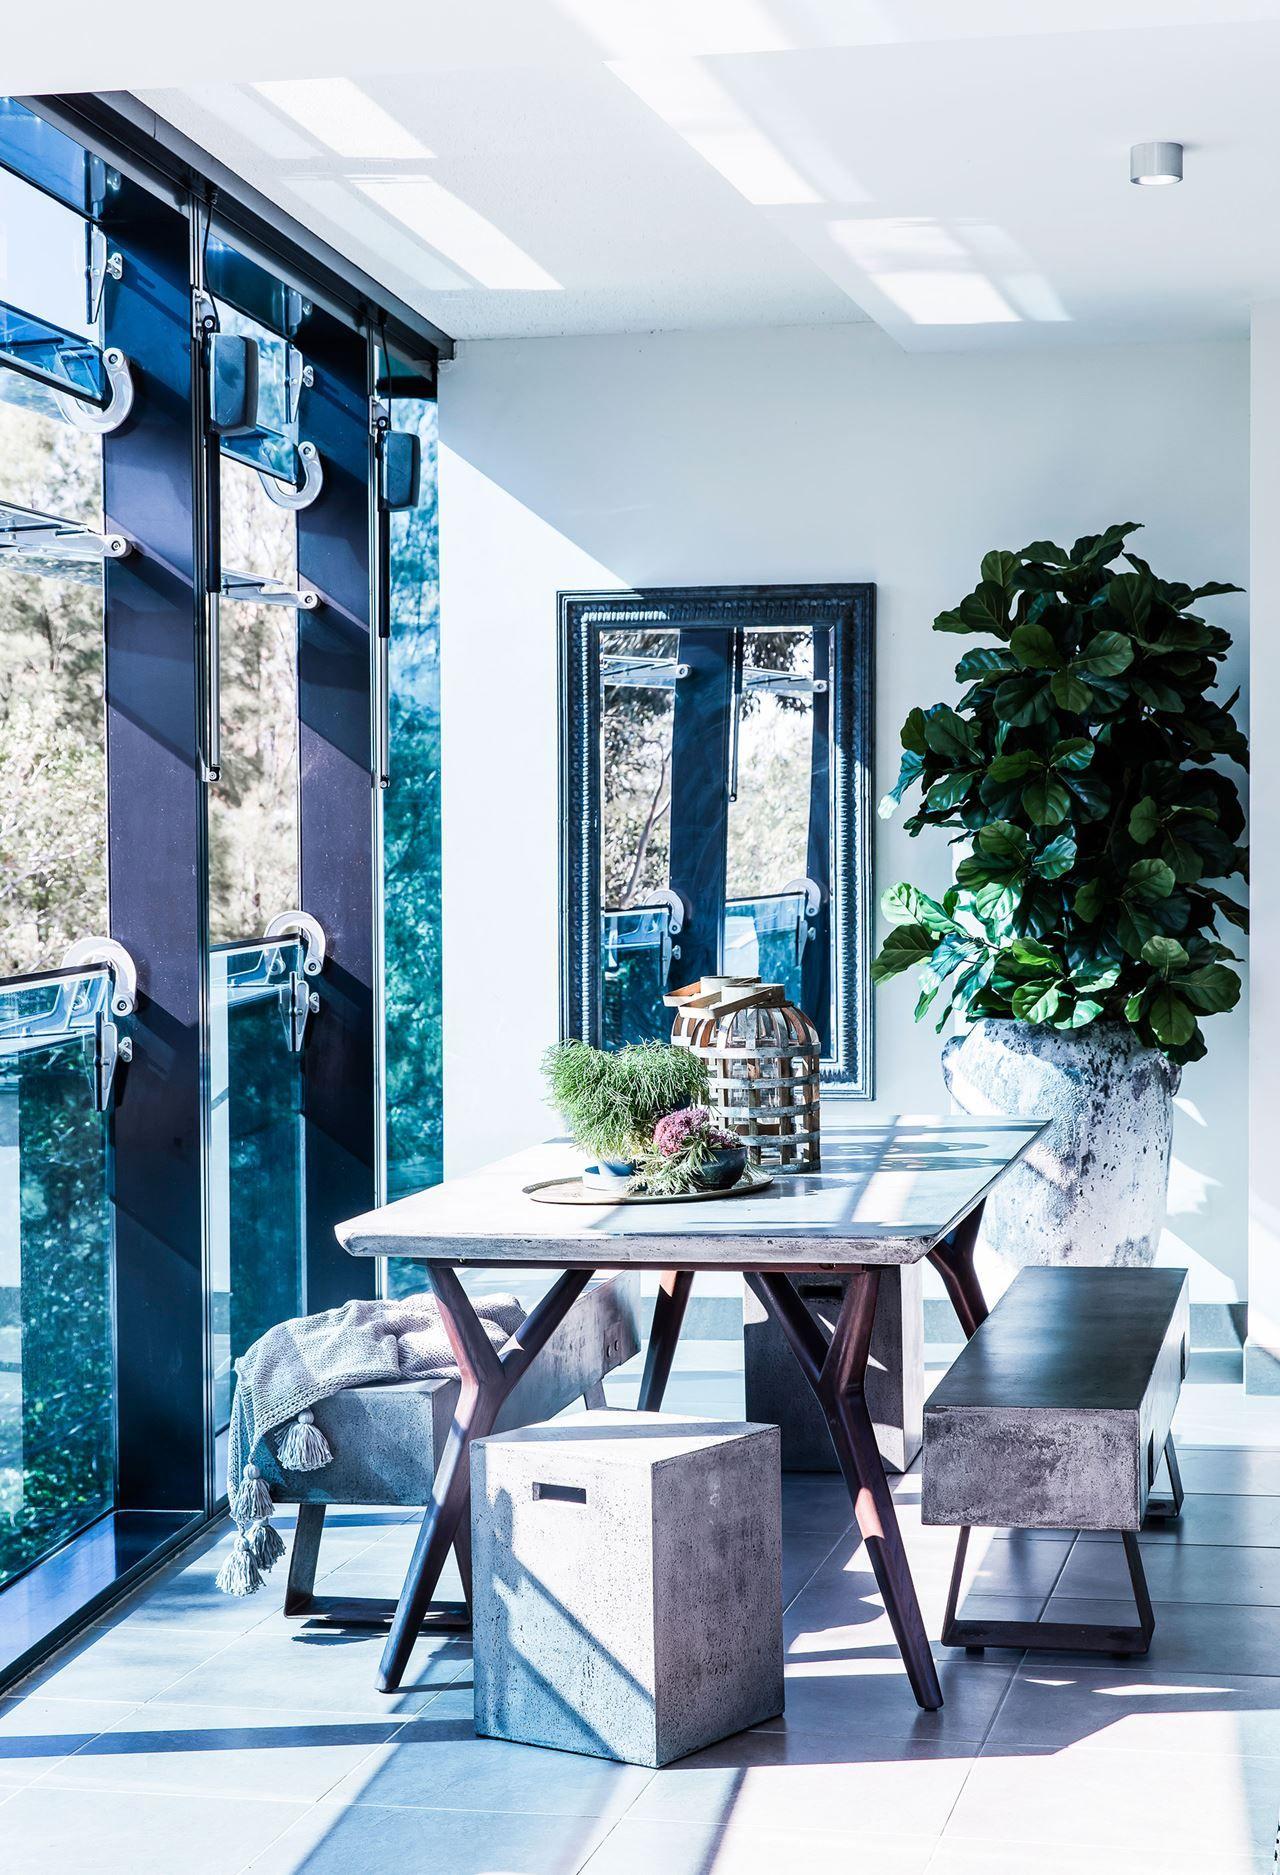 Top 50 Room Decor Ideas 2016 According To Garden GnomesHouse GardensDesign Top 50 Room Decor Ideas 2016 According To Australian House Garden 34